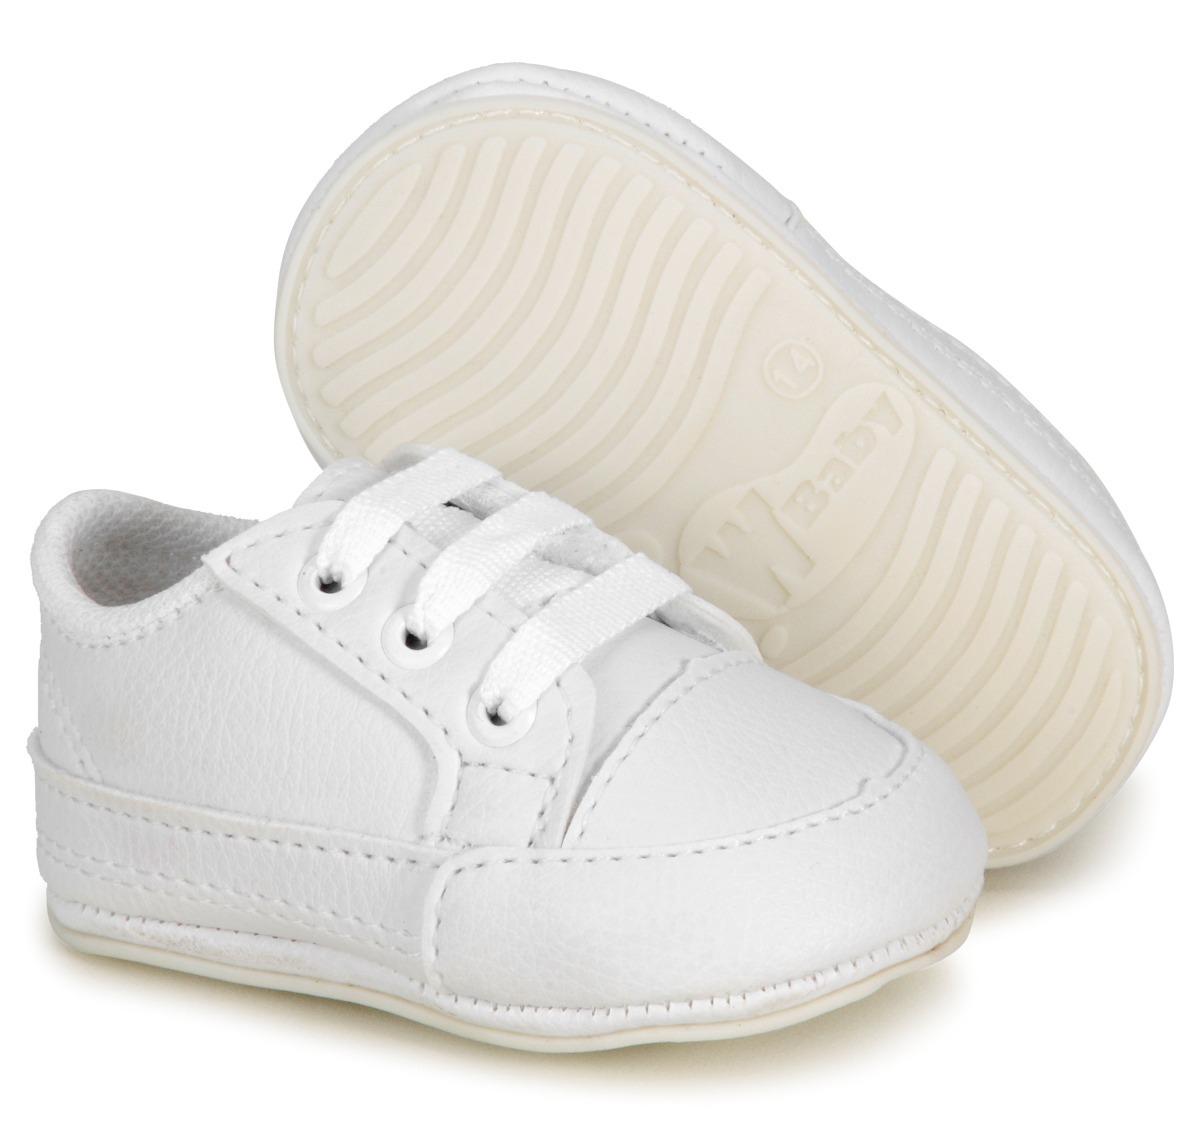 906b300eb5549 sapato tênis masculino bebê kids infantil baby recém-nascido. Carregando  zoom.